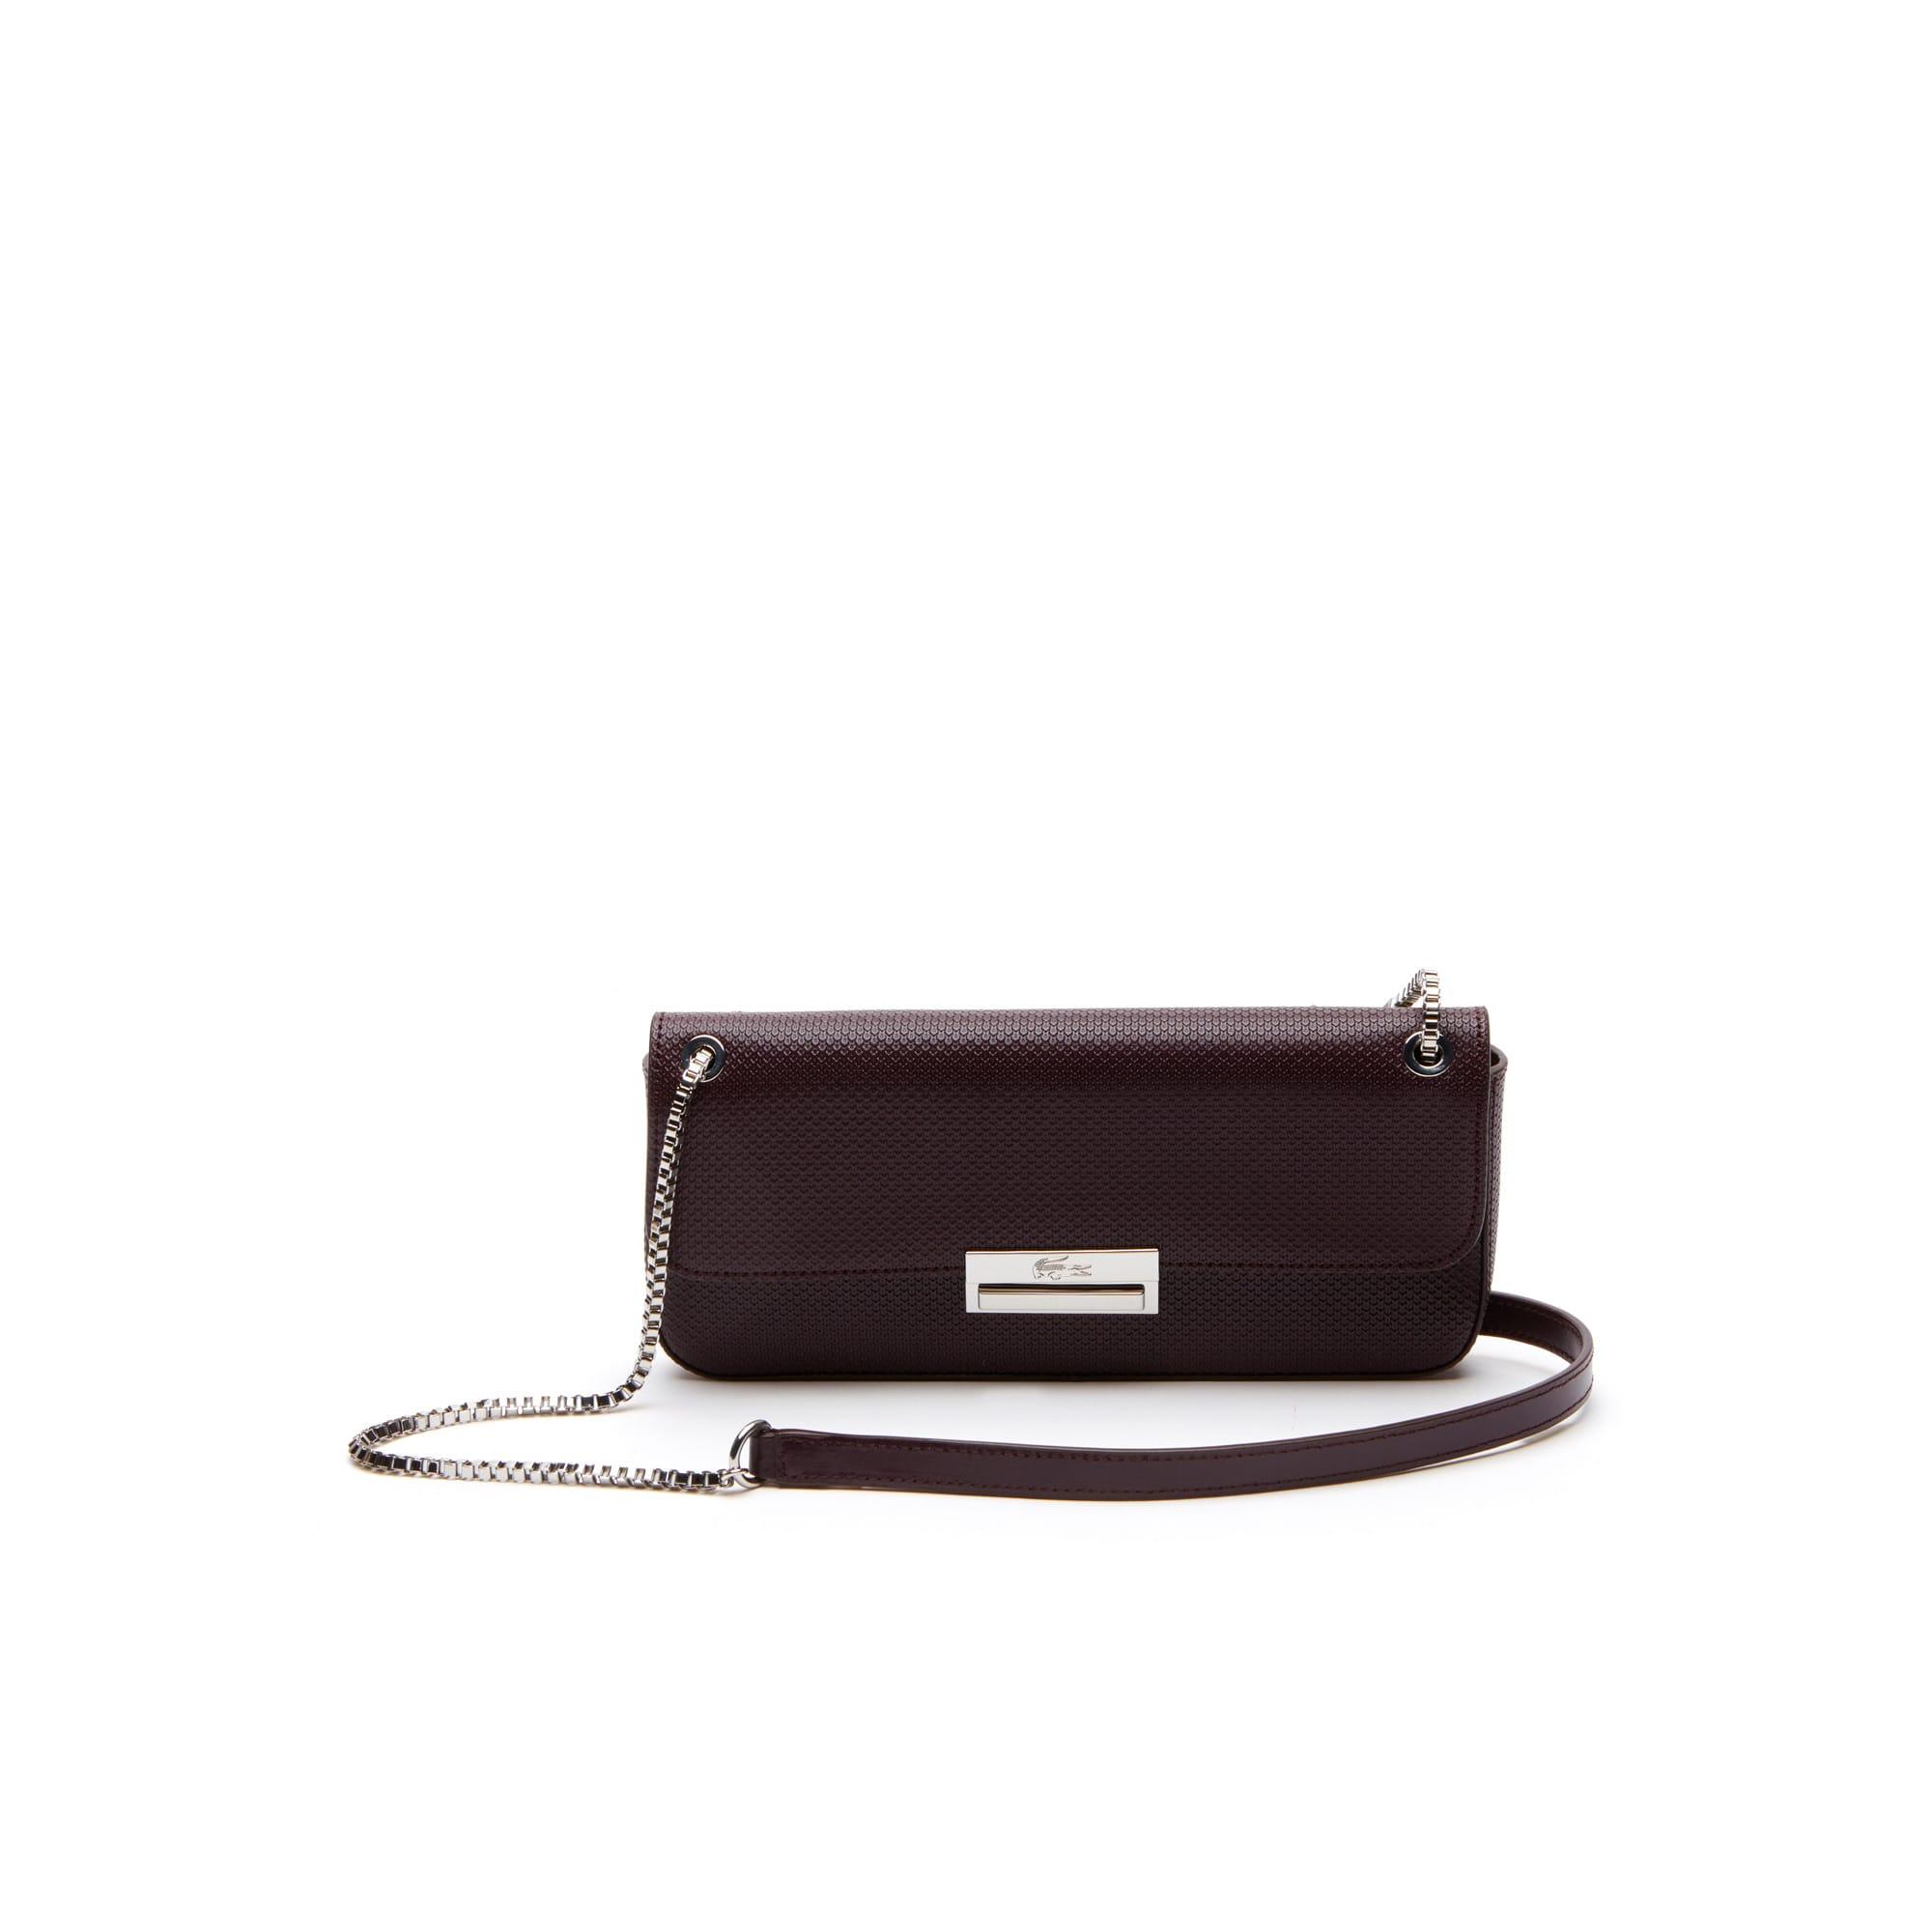 حقيبة بسحَّاب صغير مطبوع عليها شعار التمساح ومُصمَّمة بأسلوب بوتيه بيكيه من مجموعة L.12.12 Concept للسيدات